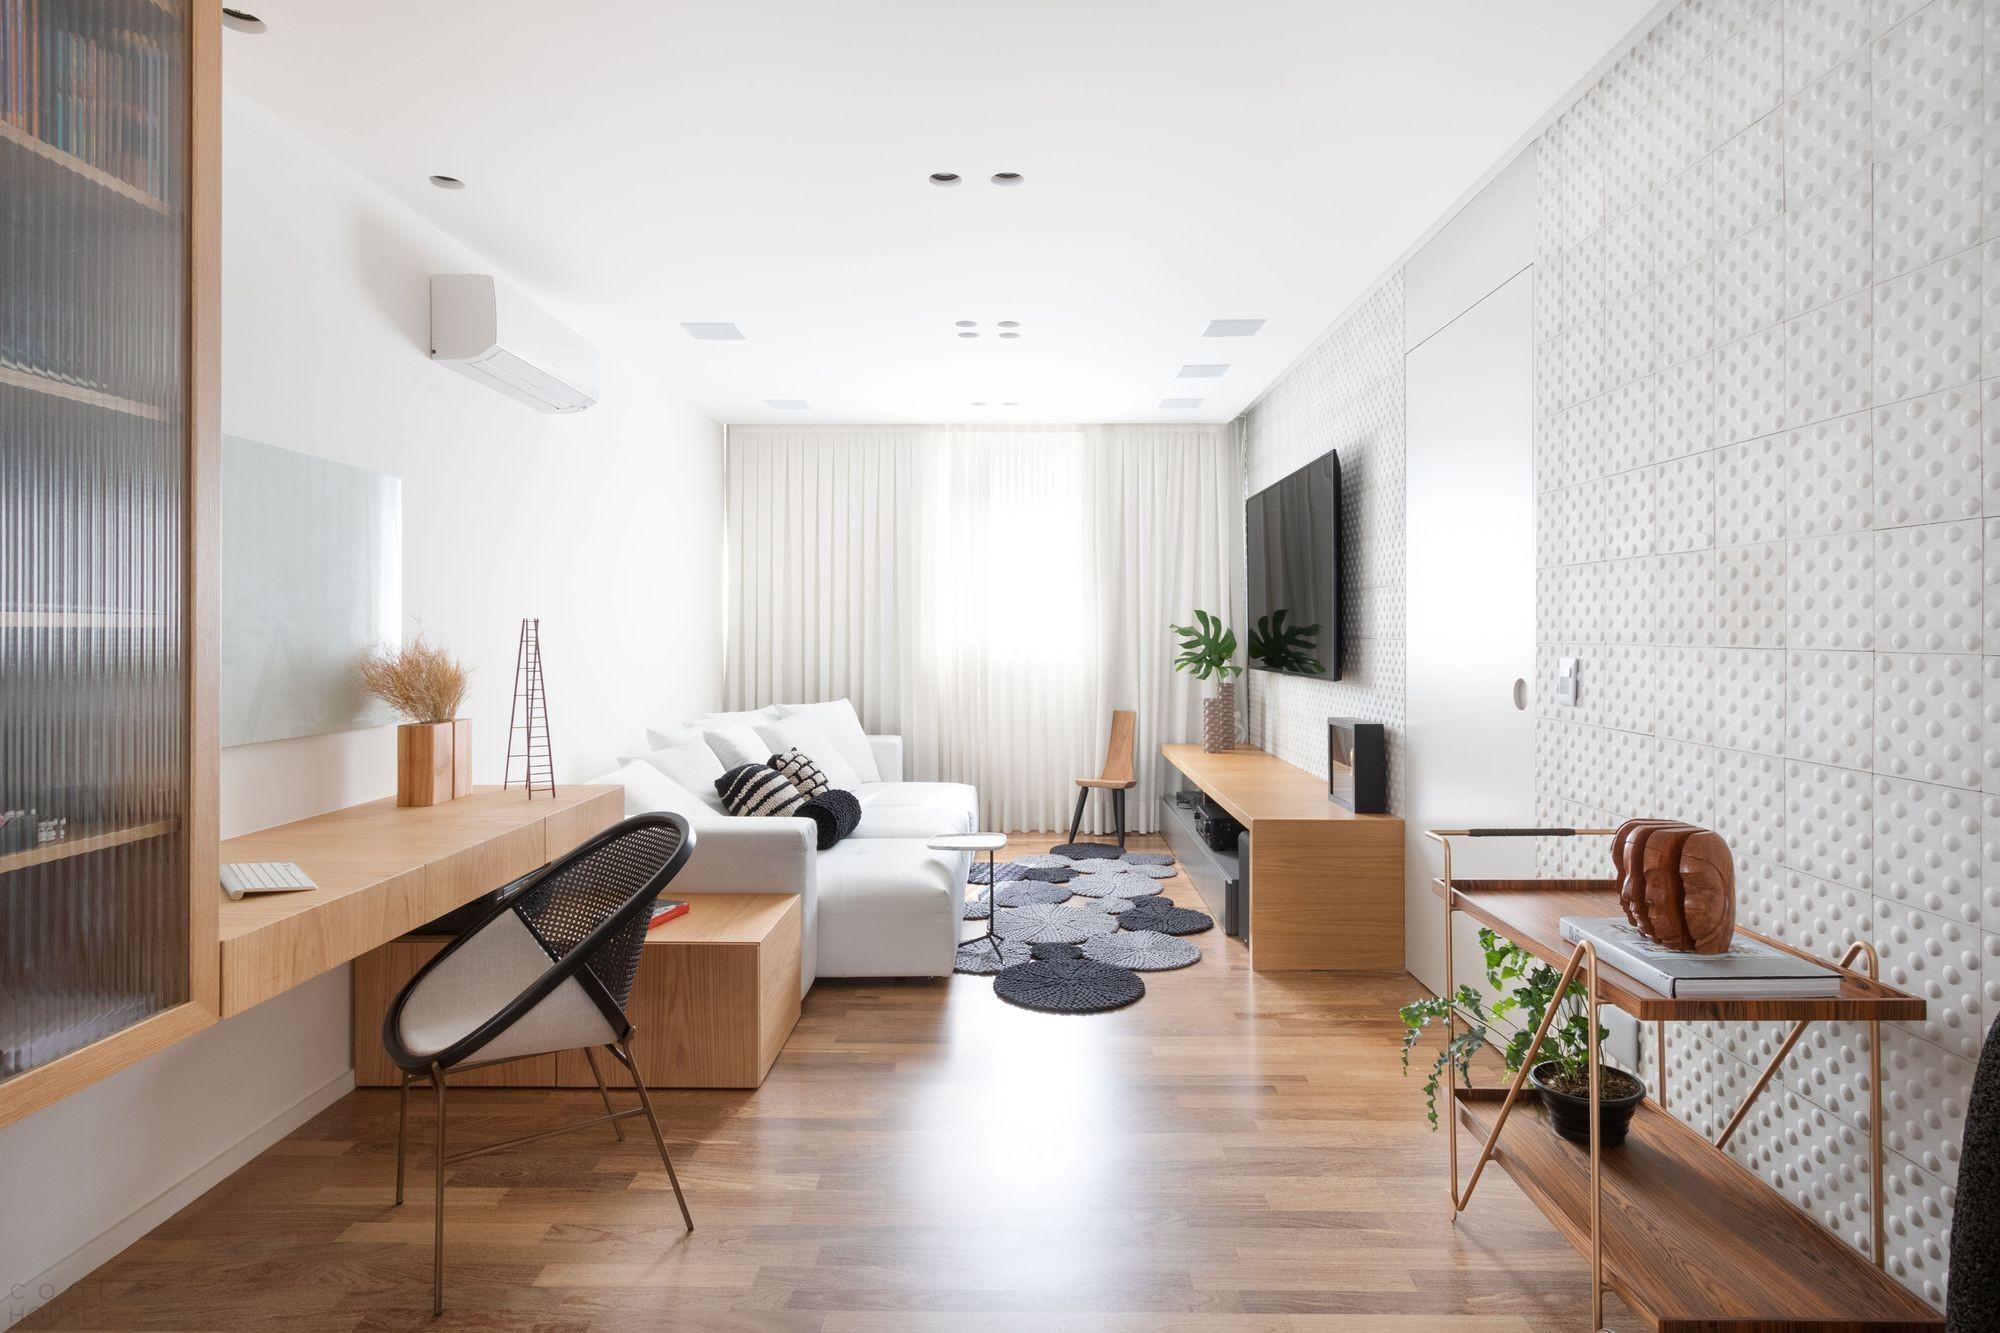 Функциональная квартира с визуальным единством всех пространств